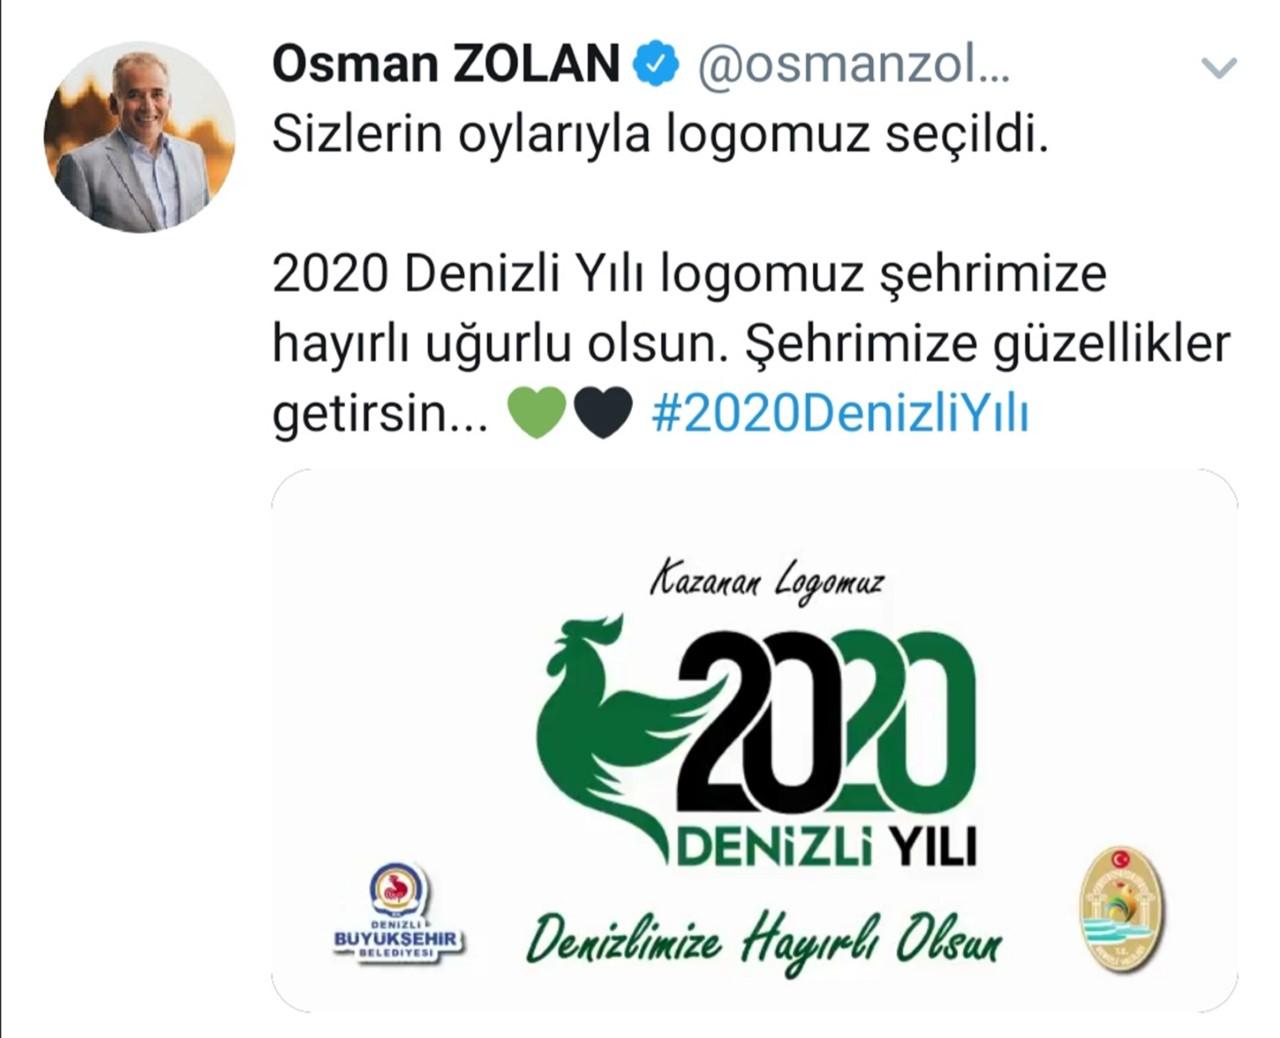 thumbnail-2020-denizli-yili-logosu-tweet.jpg